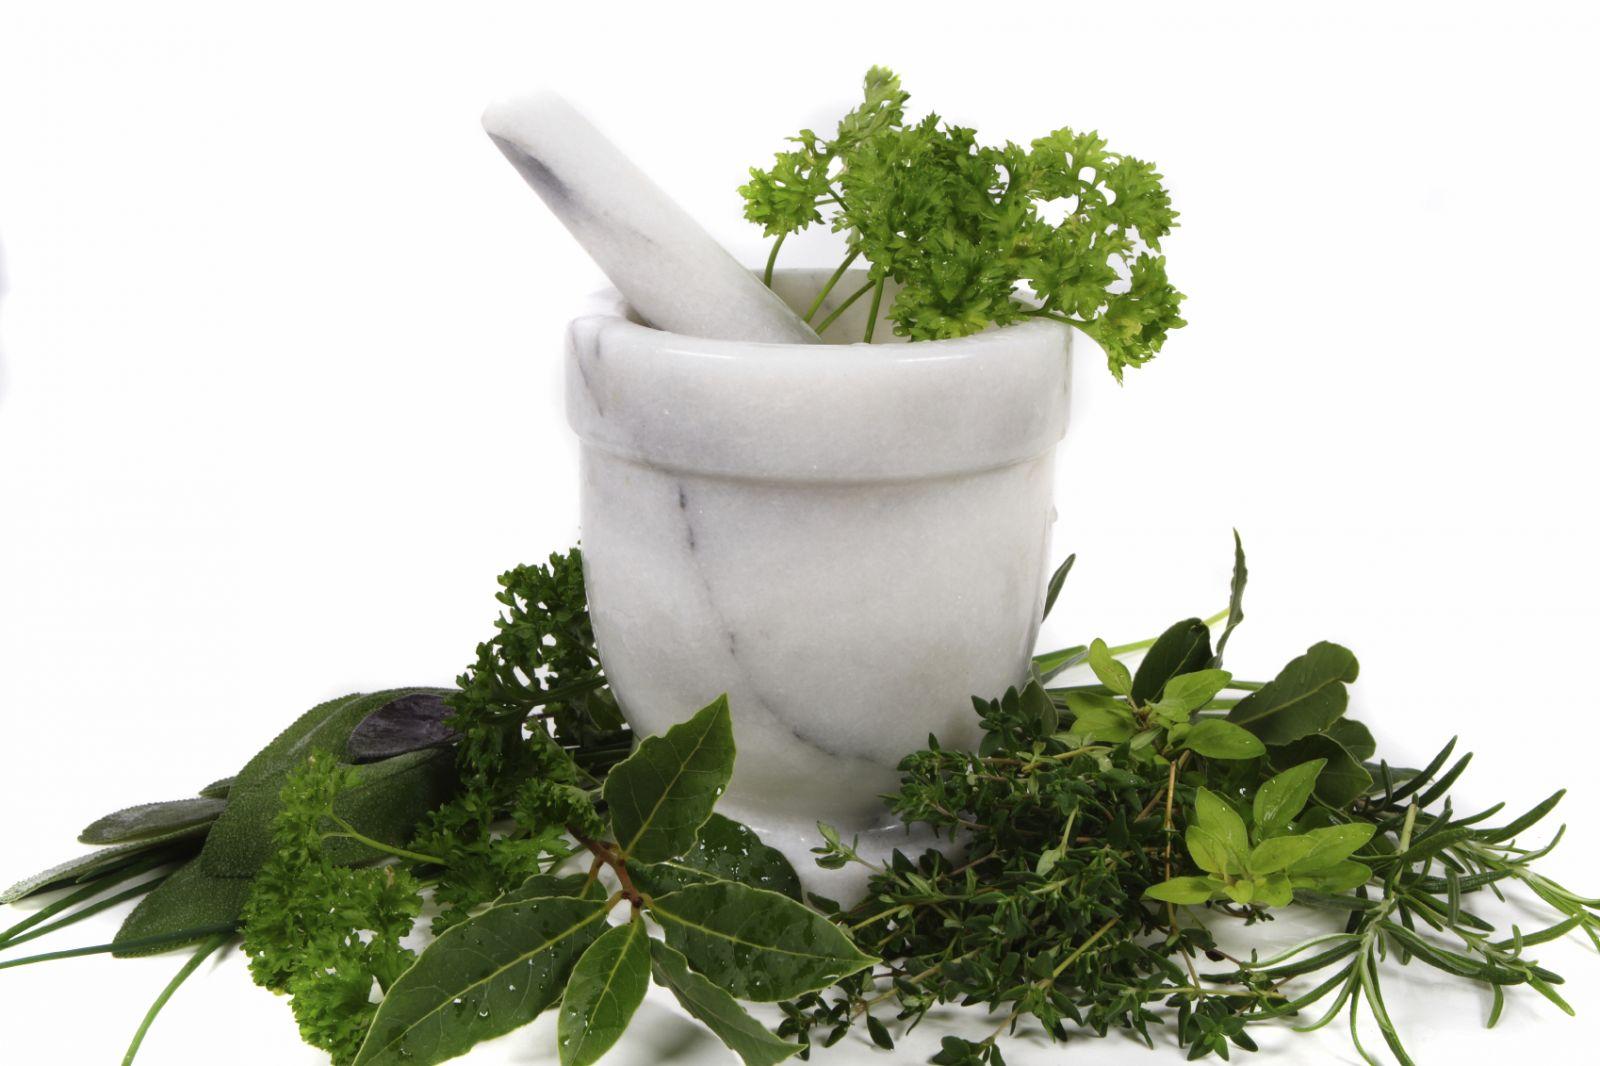 Bitkisel Çözümler ve Tedavi Yolları